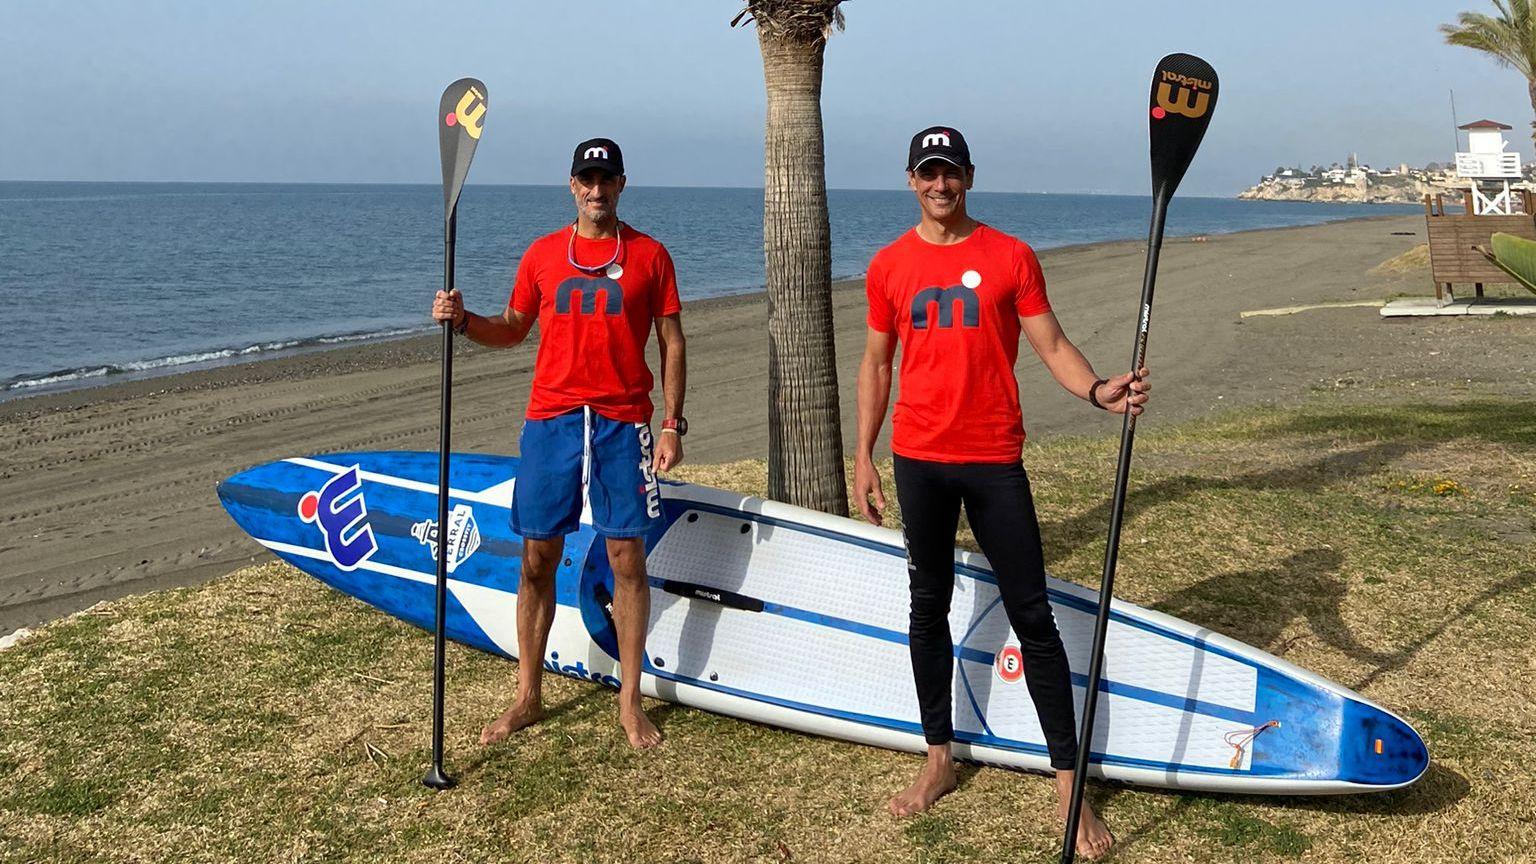 Toro SUP Coastal Path Challenge